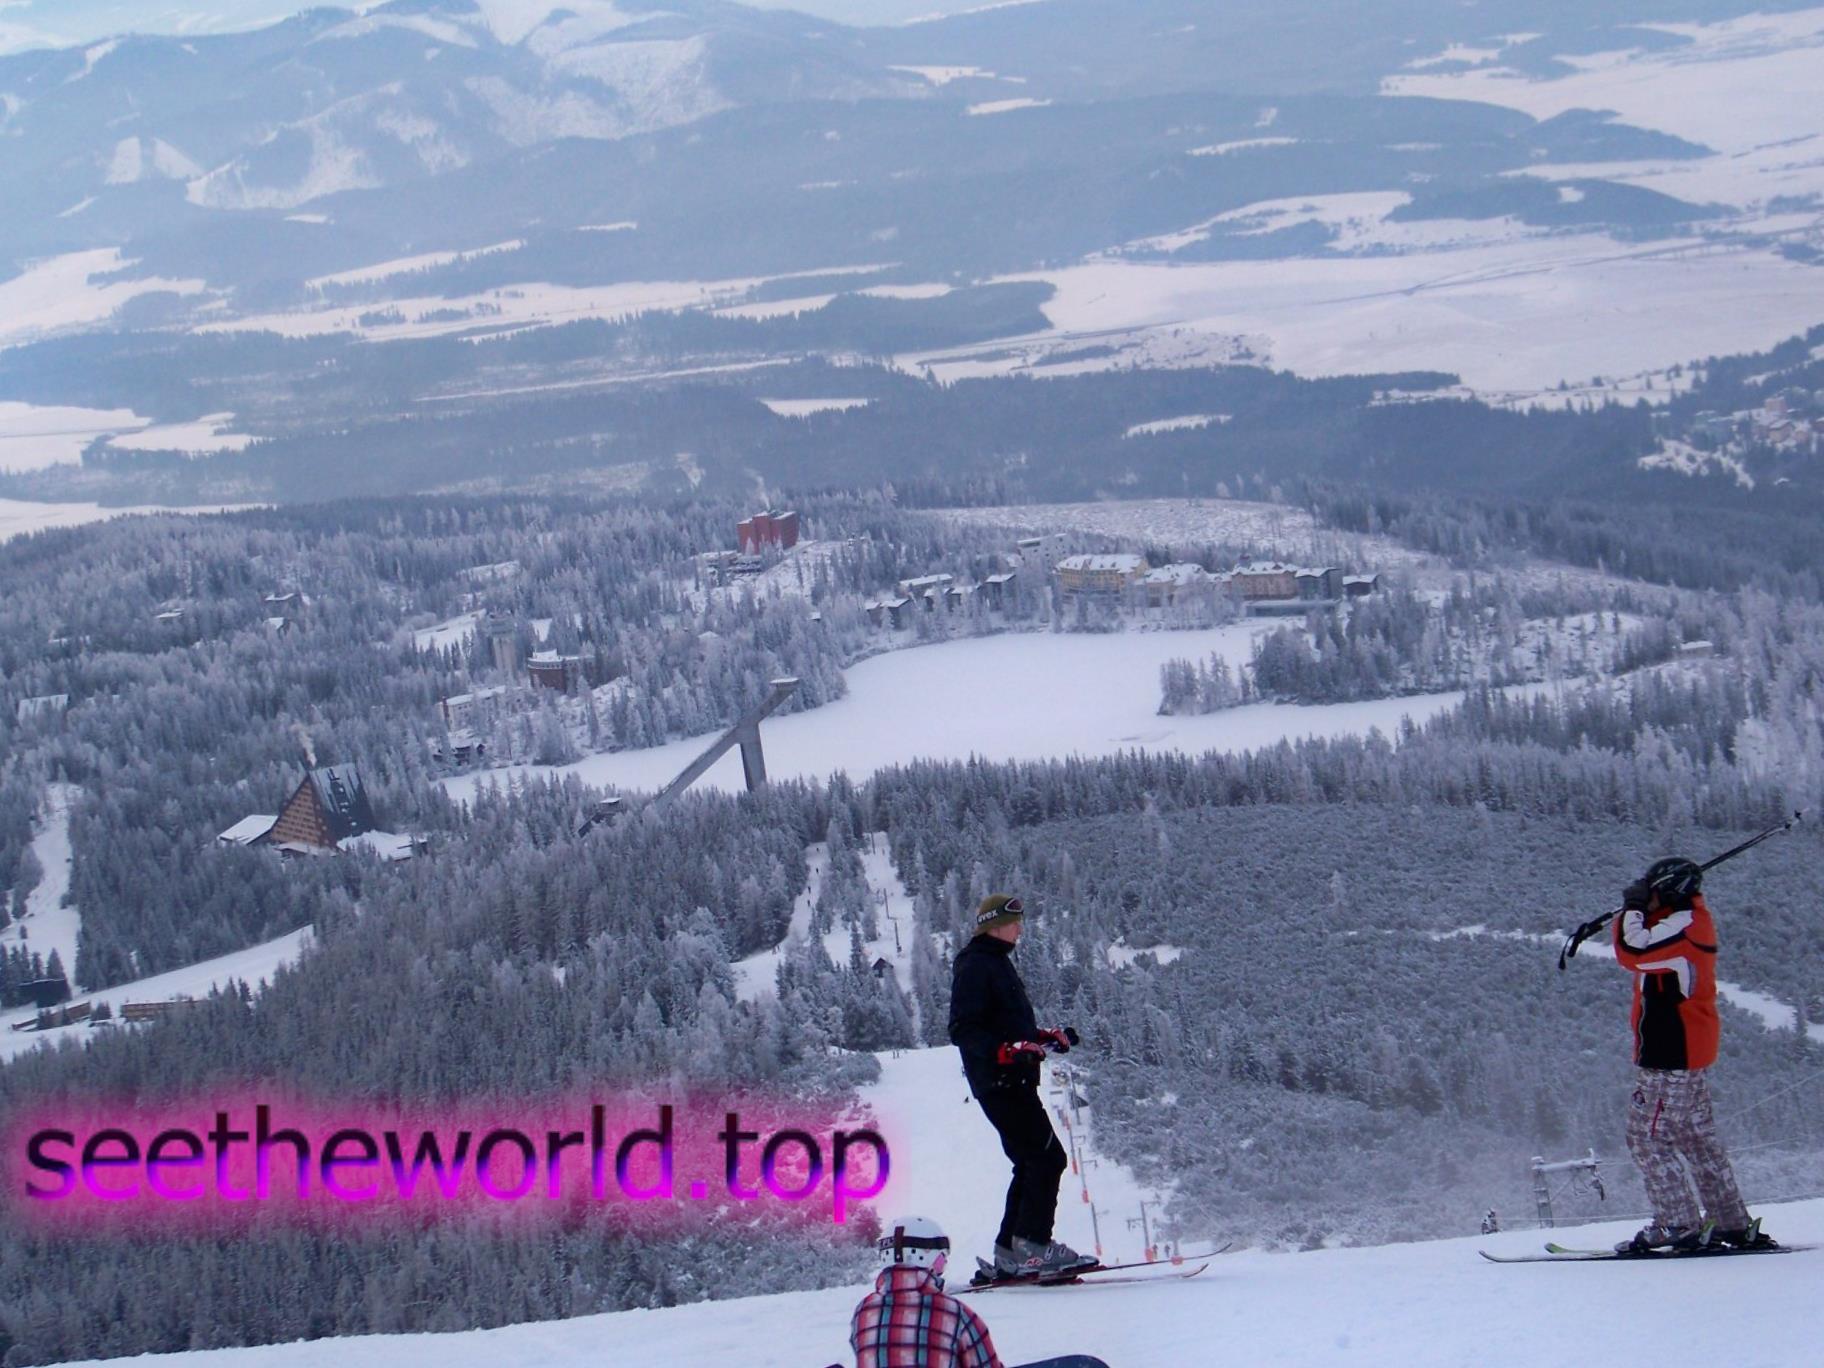 гриффон новосибирске штрбске плесо горнолыжный курорт фото использованию системы очистки